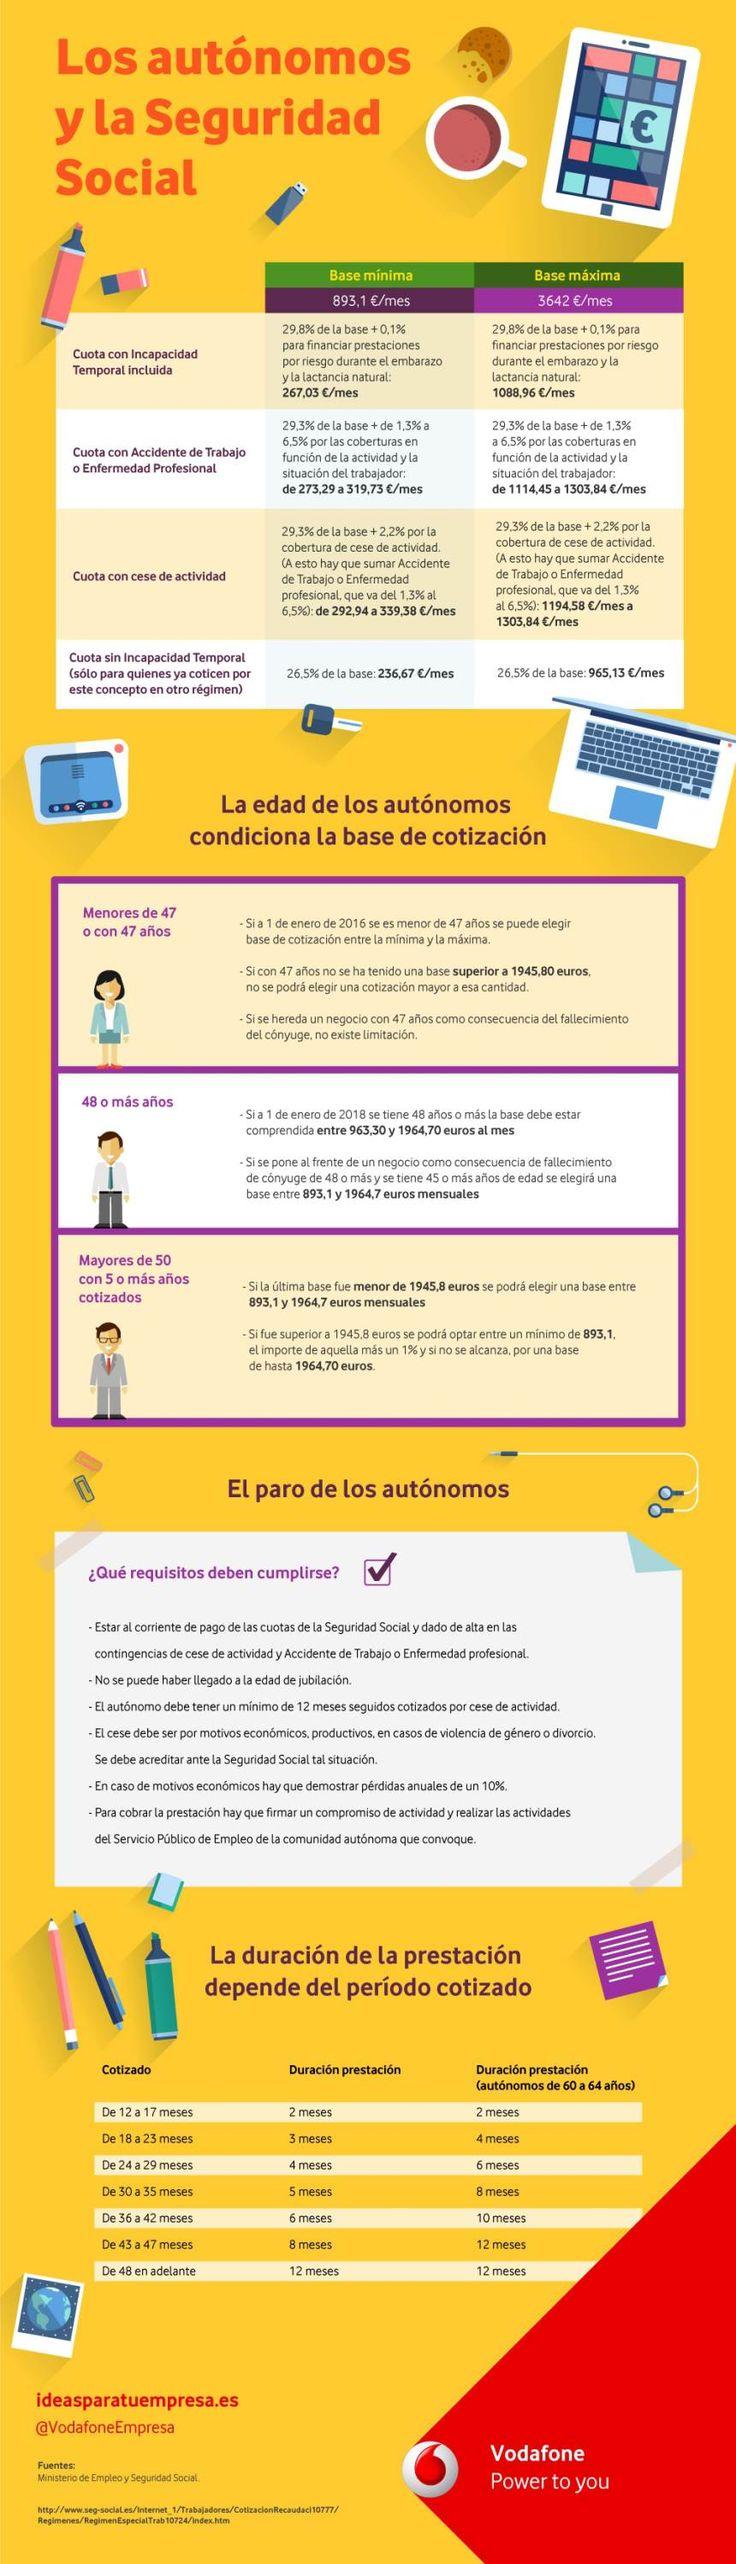 Infografía. Los autónomos y la Seguridad Social (España). #empleo #negocios